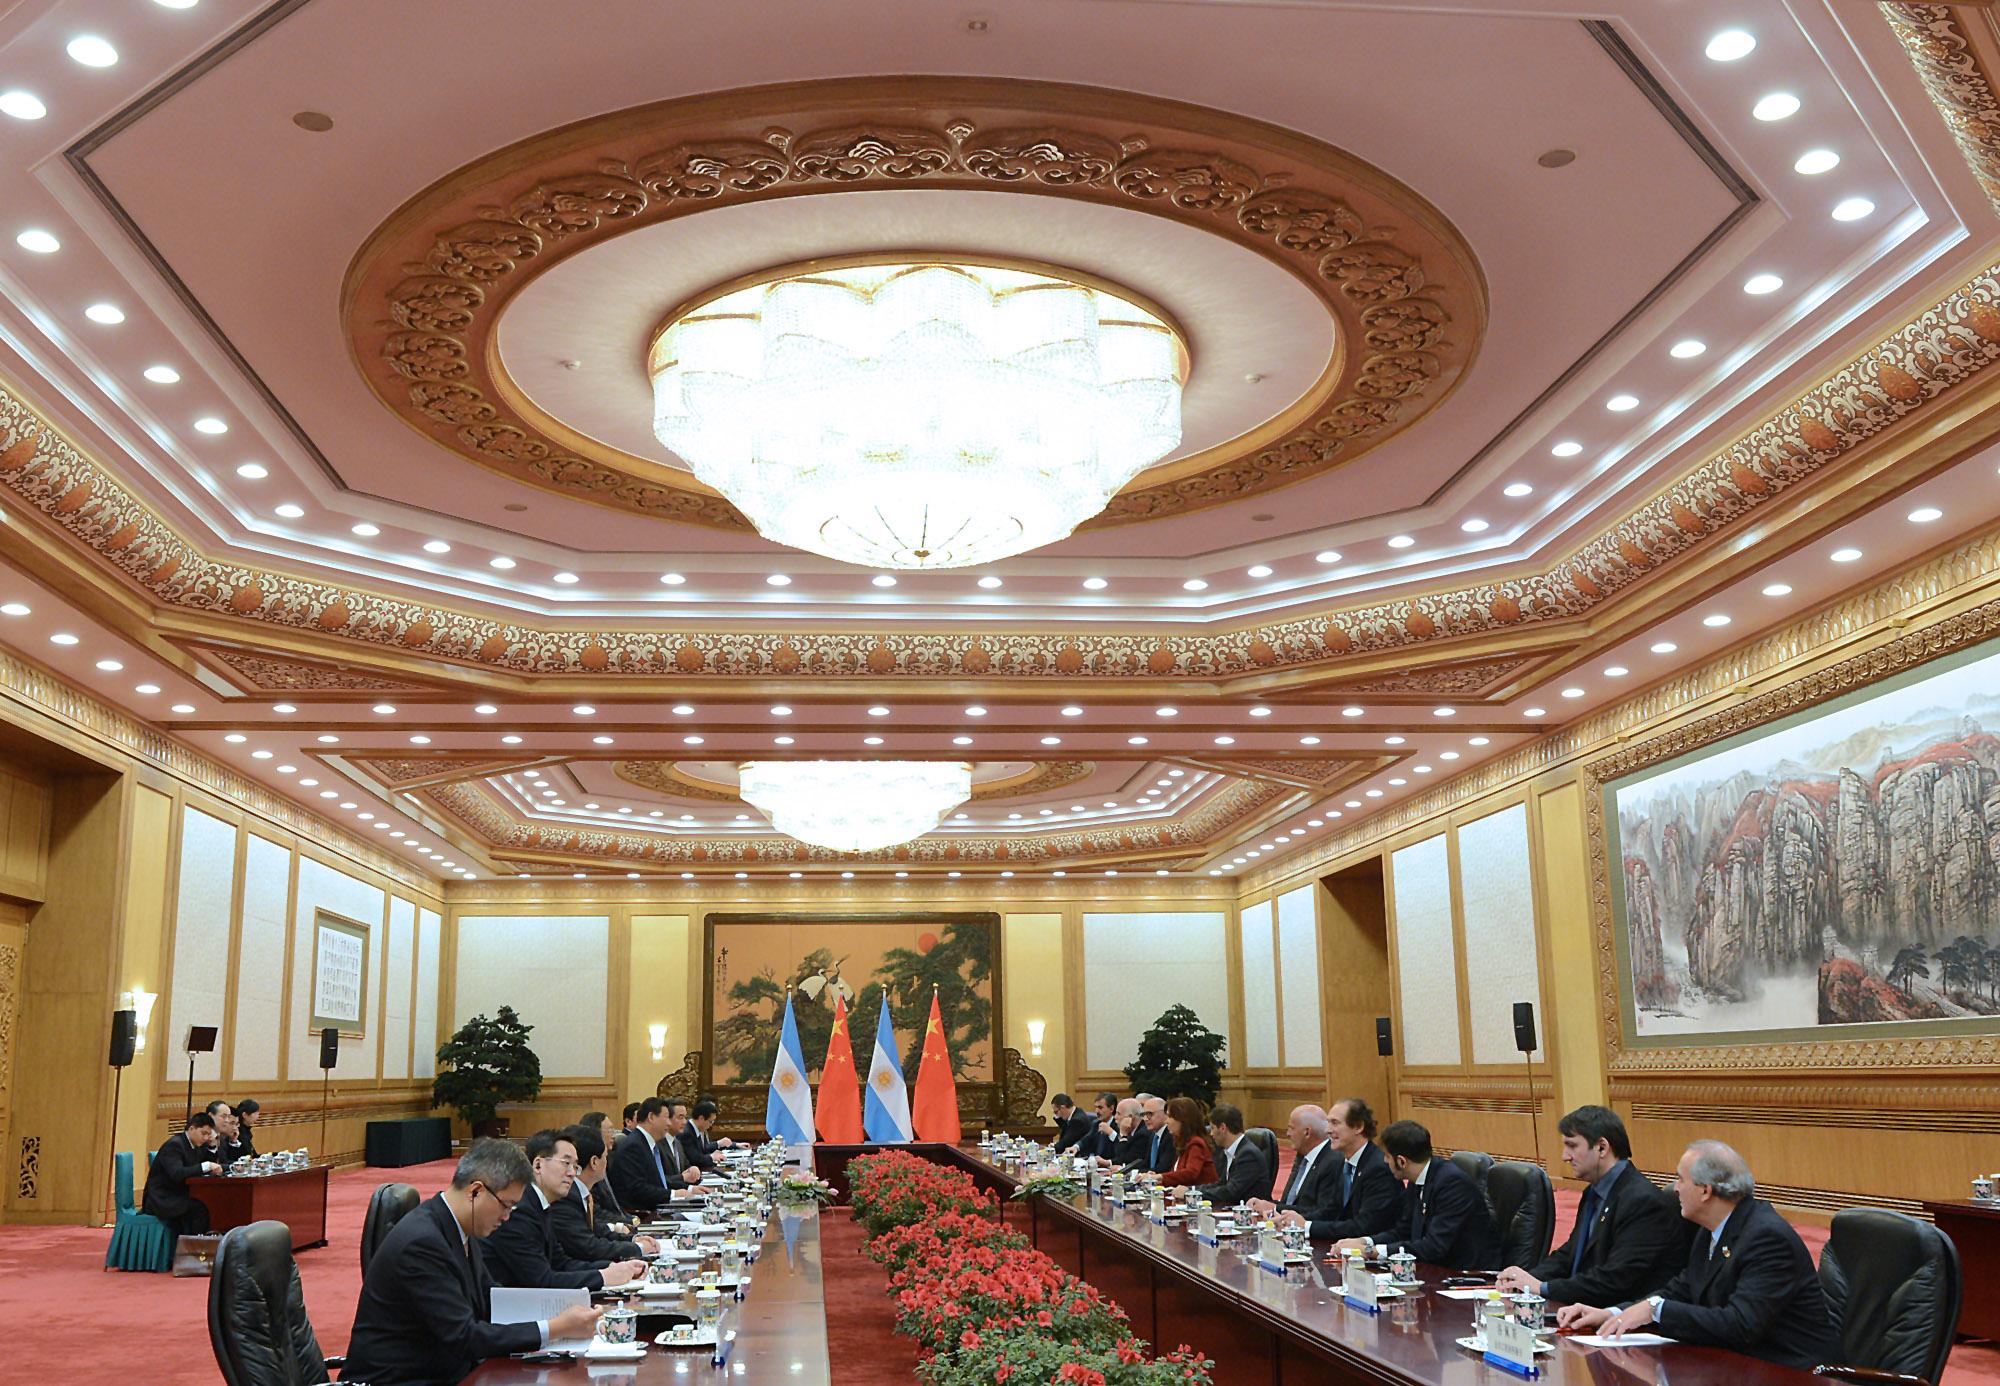 Tercer día en China. Comienzo la agenda clausurando apertura del Foro de negocios entre Argentina y China.